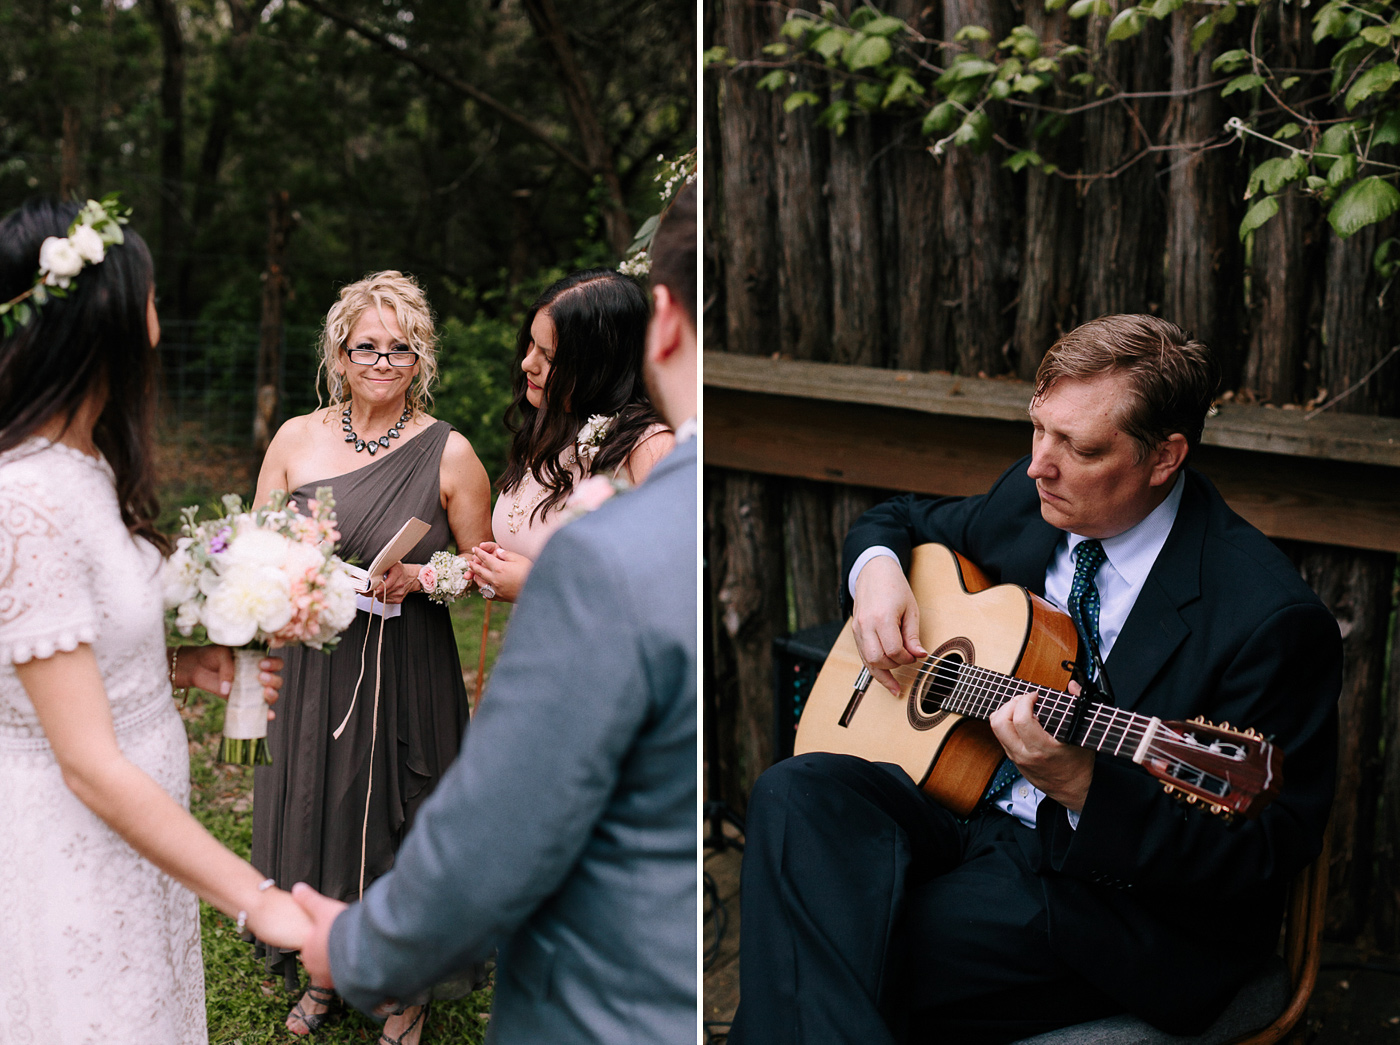 311-wimberley-texas-intimate-backyard-wedding.jpg